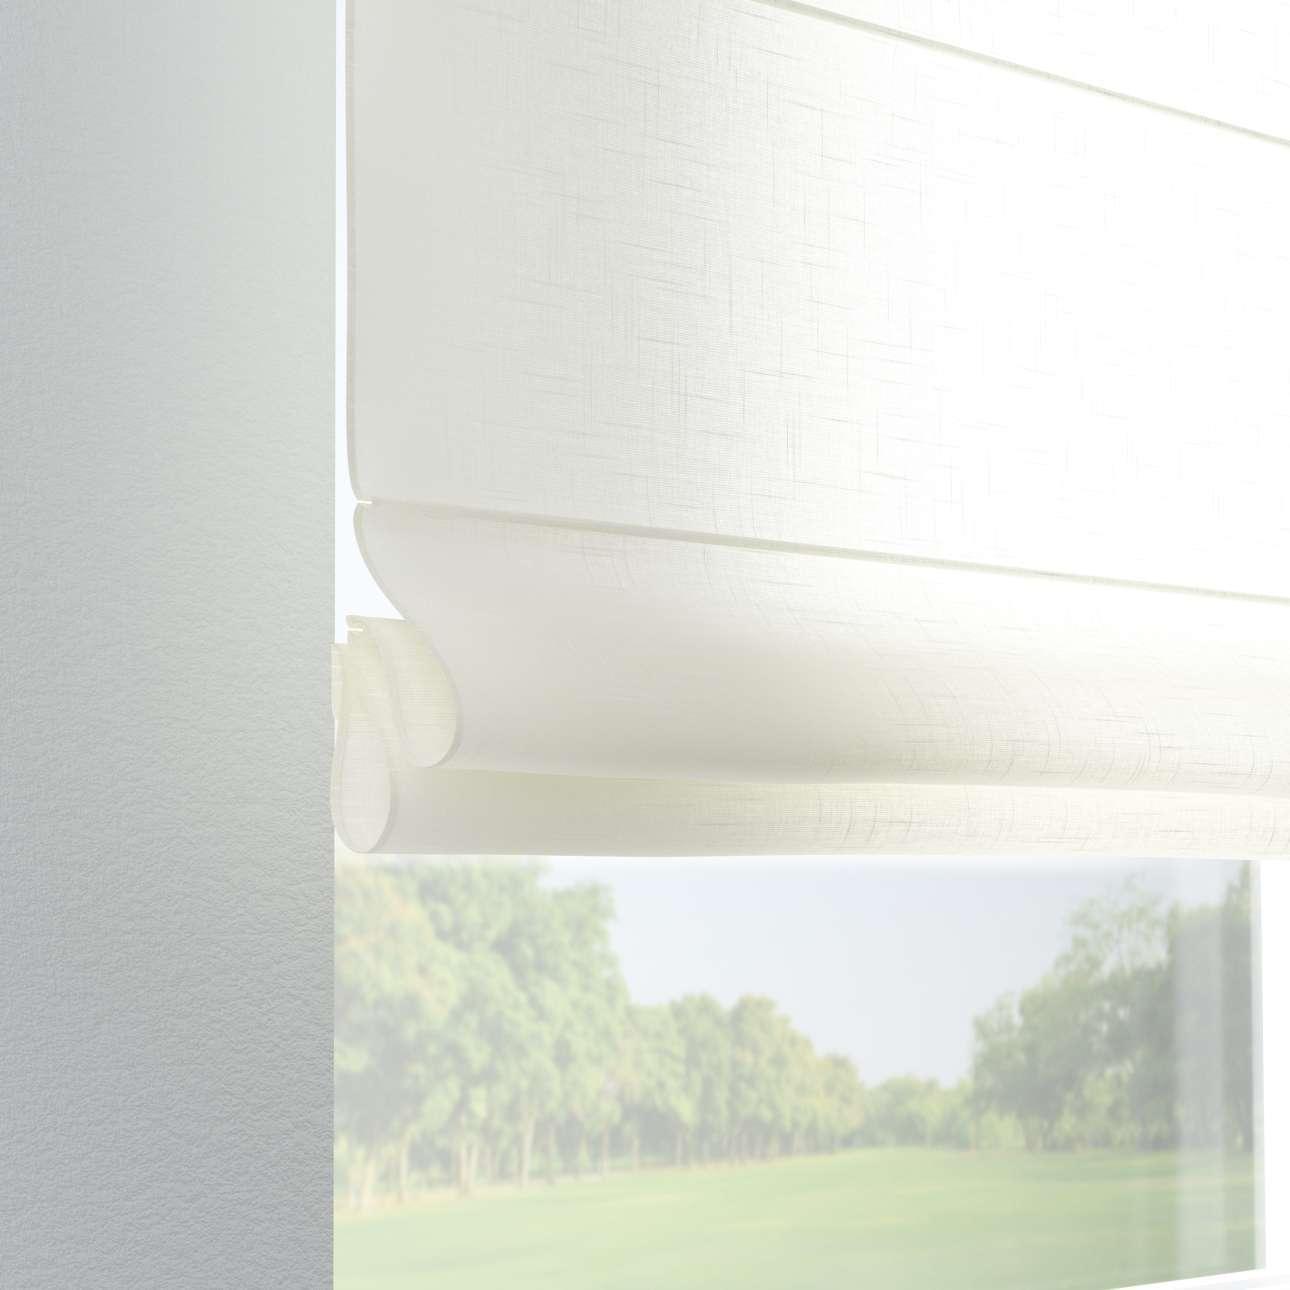 Foldegardin Verona<br/>Med stropper til gardinstang 80 × 170 cm fra kollektionen Romantik, Stof: 128-88